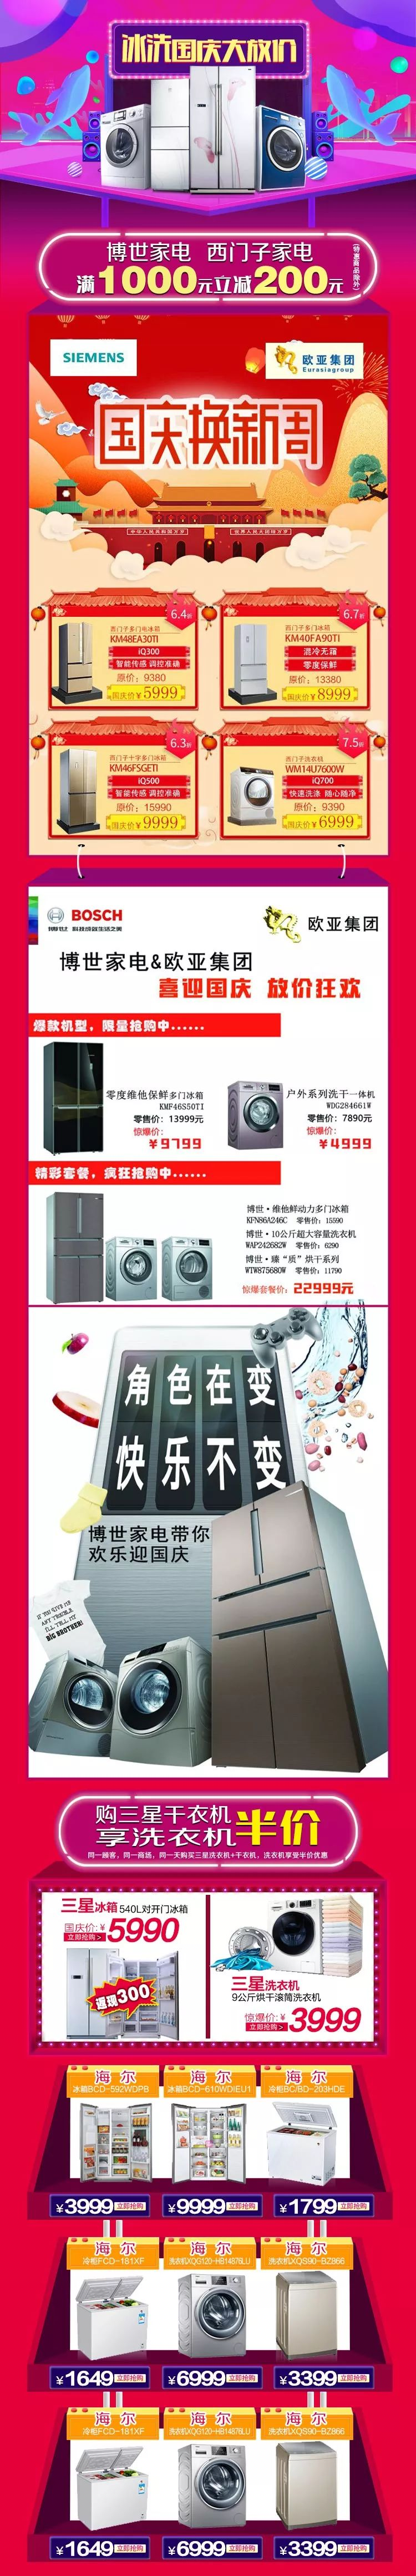 2018长春国庆节欧亚万豪购物中心打折优惠信息